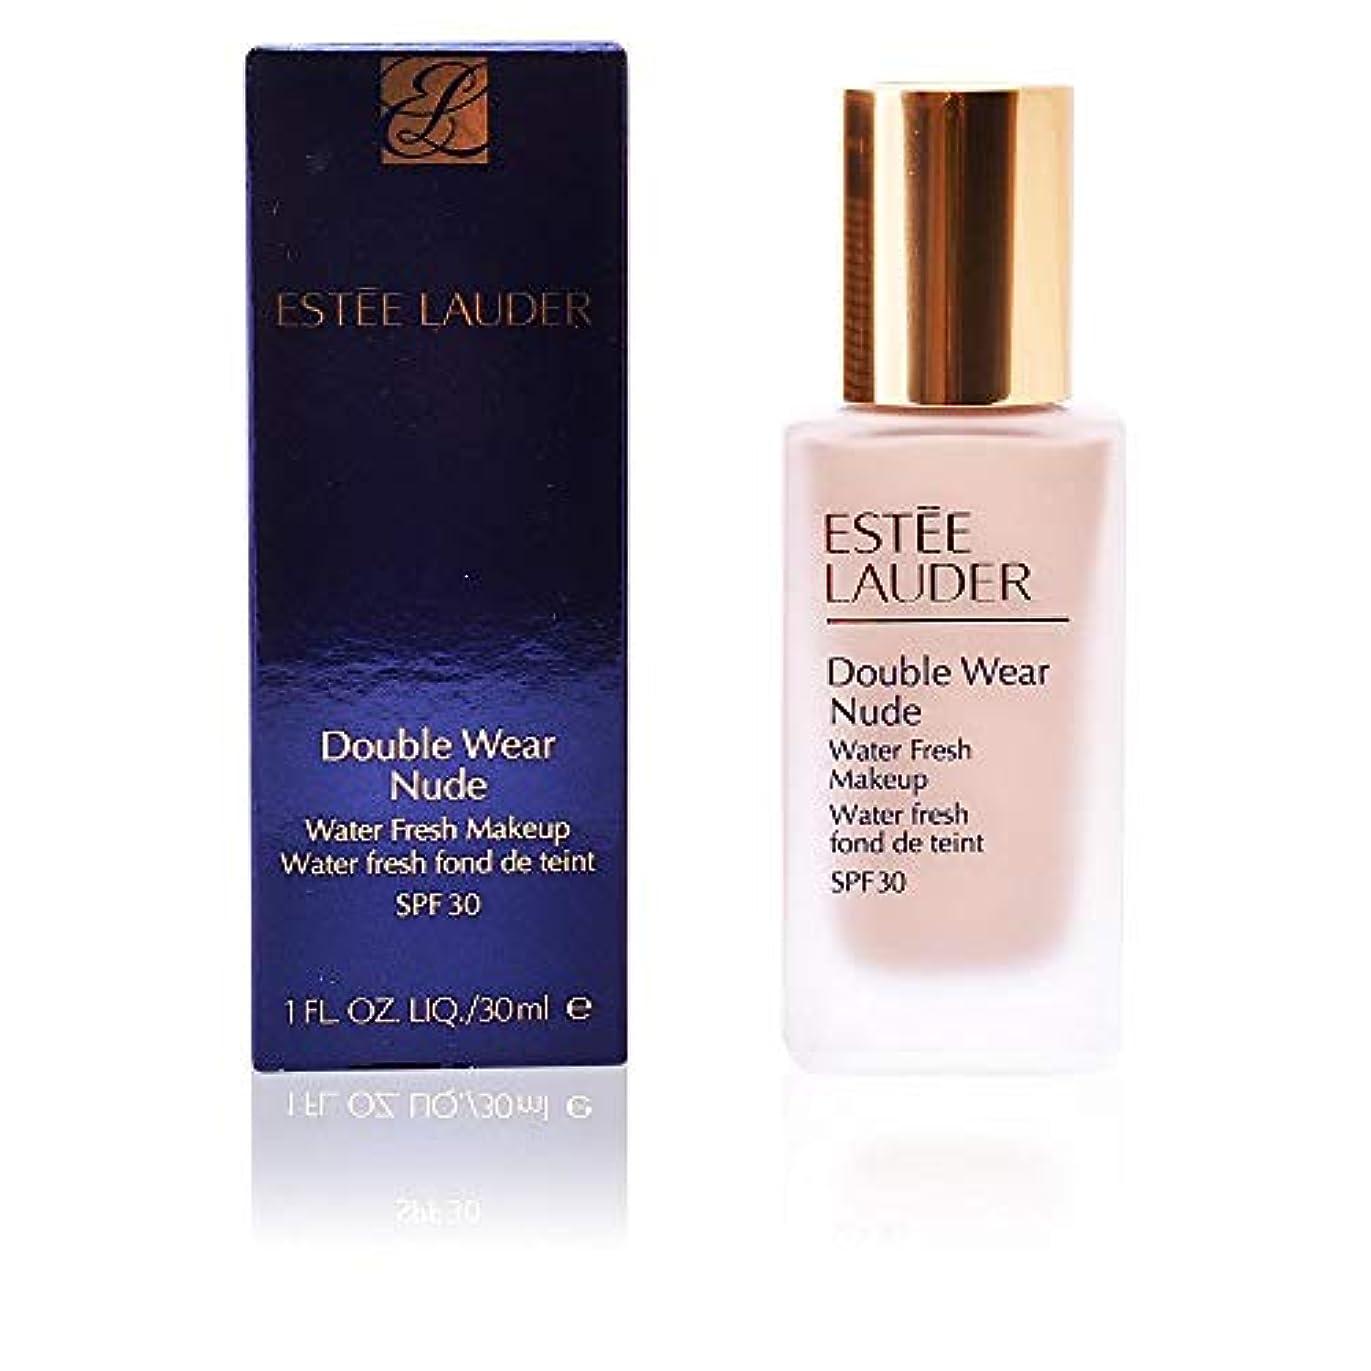 簡略化するジャベスウィルソンマトリックスエスティローダー Double Wear Nude Water Fresh Makeup SPF 30 - # 2C2 Pale Almond 30ml/1oz並行輸入品